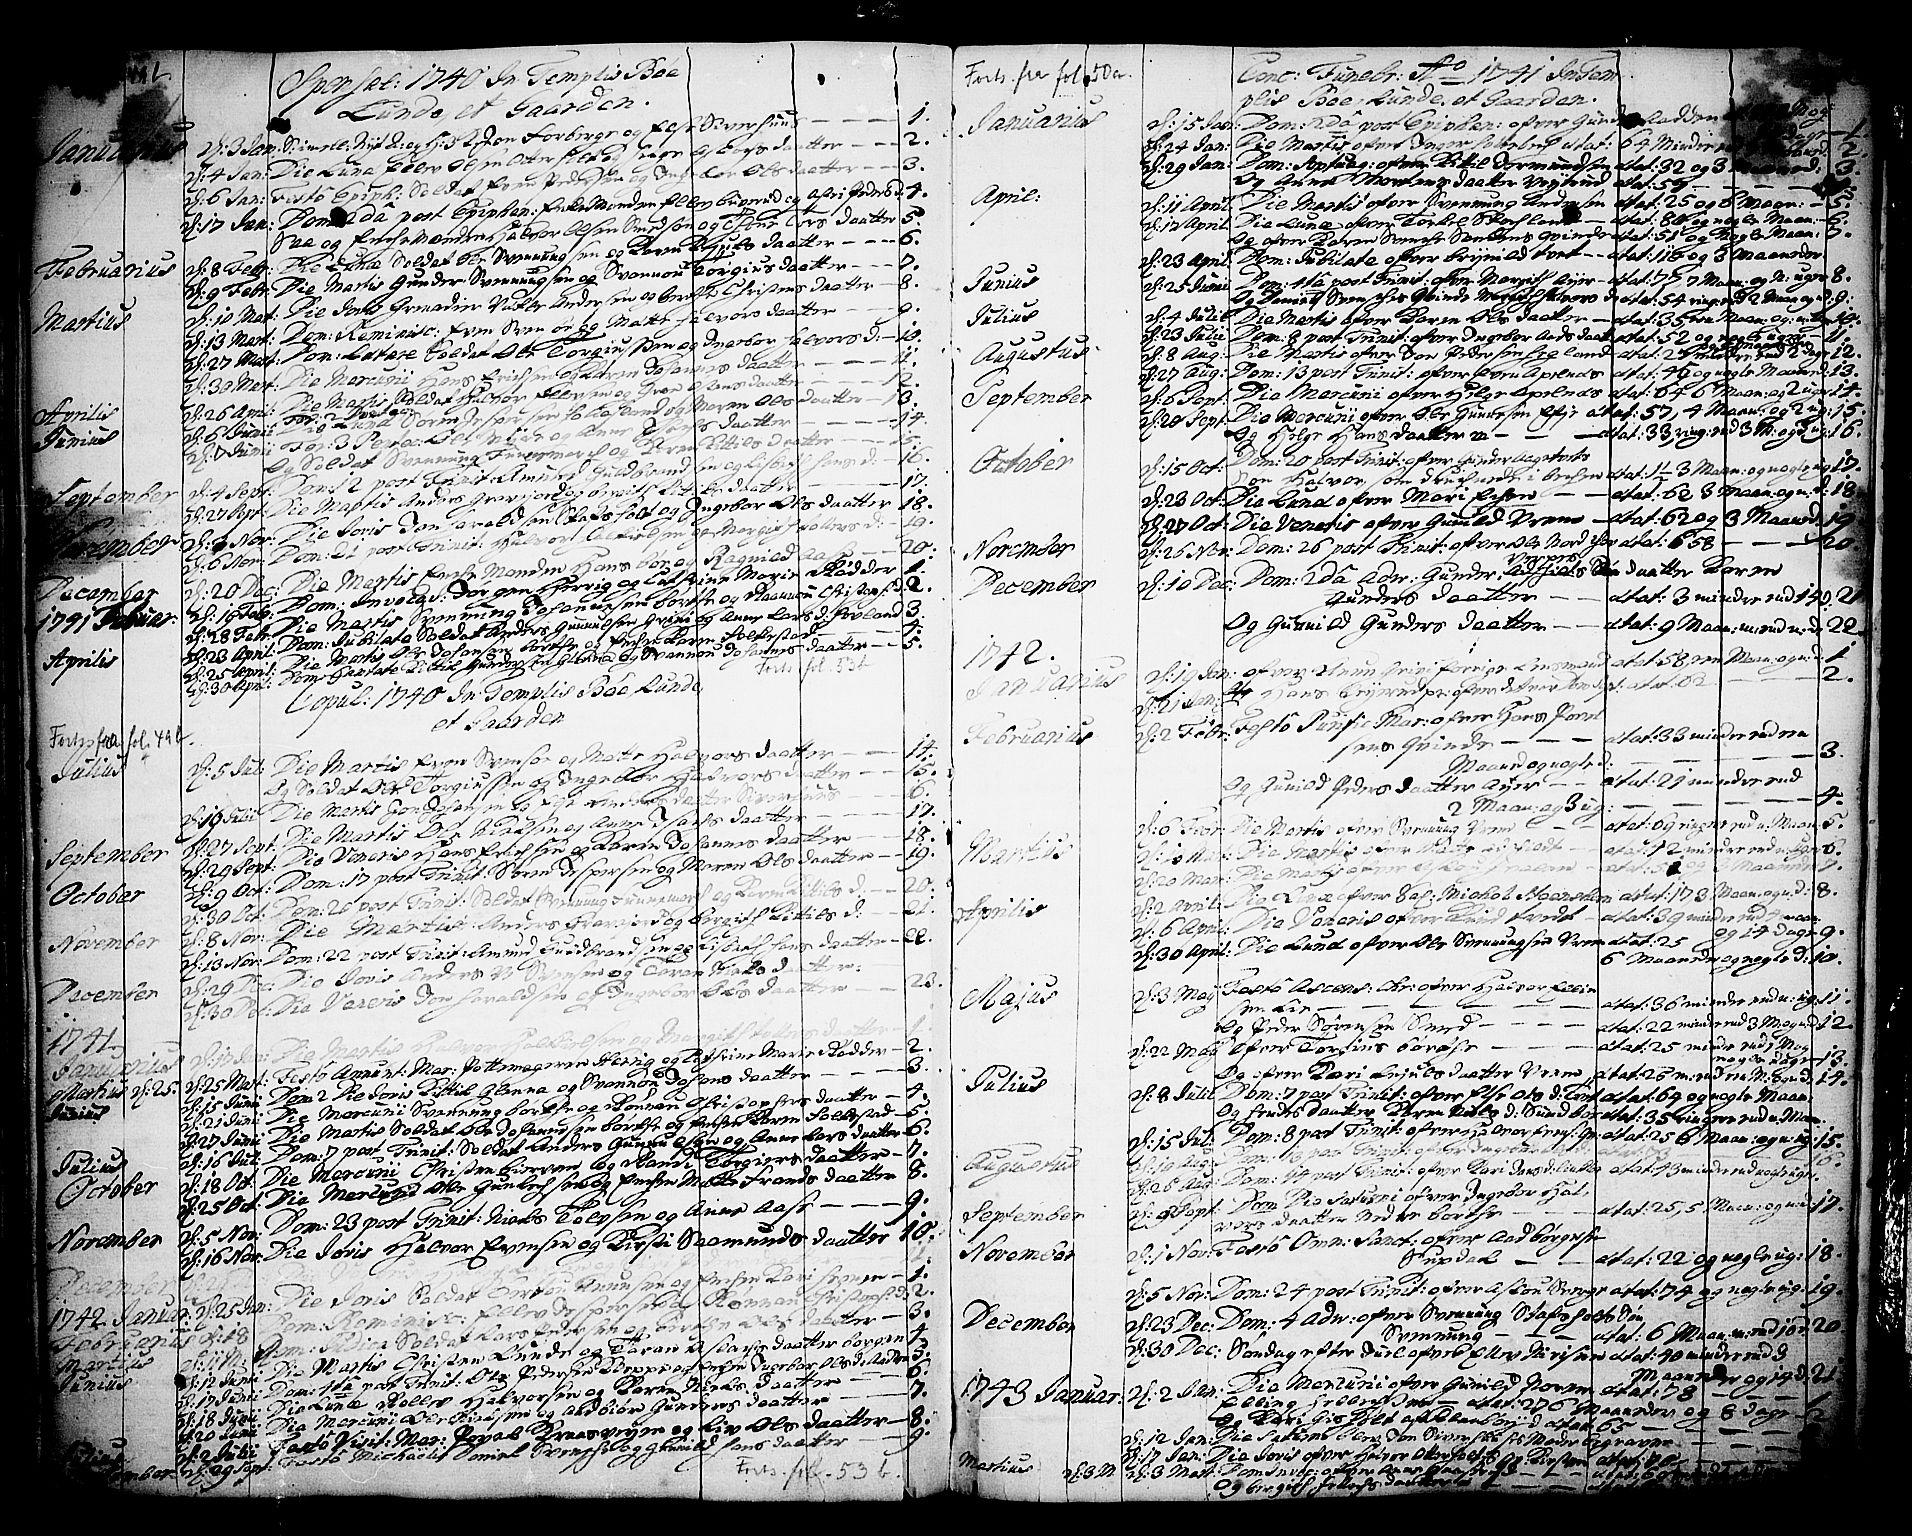 SAKO, Bø kirkebøker, F/Fa/L0003: Ministerialbok nr. 3, 1733-1748, s. 52